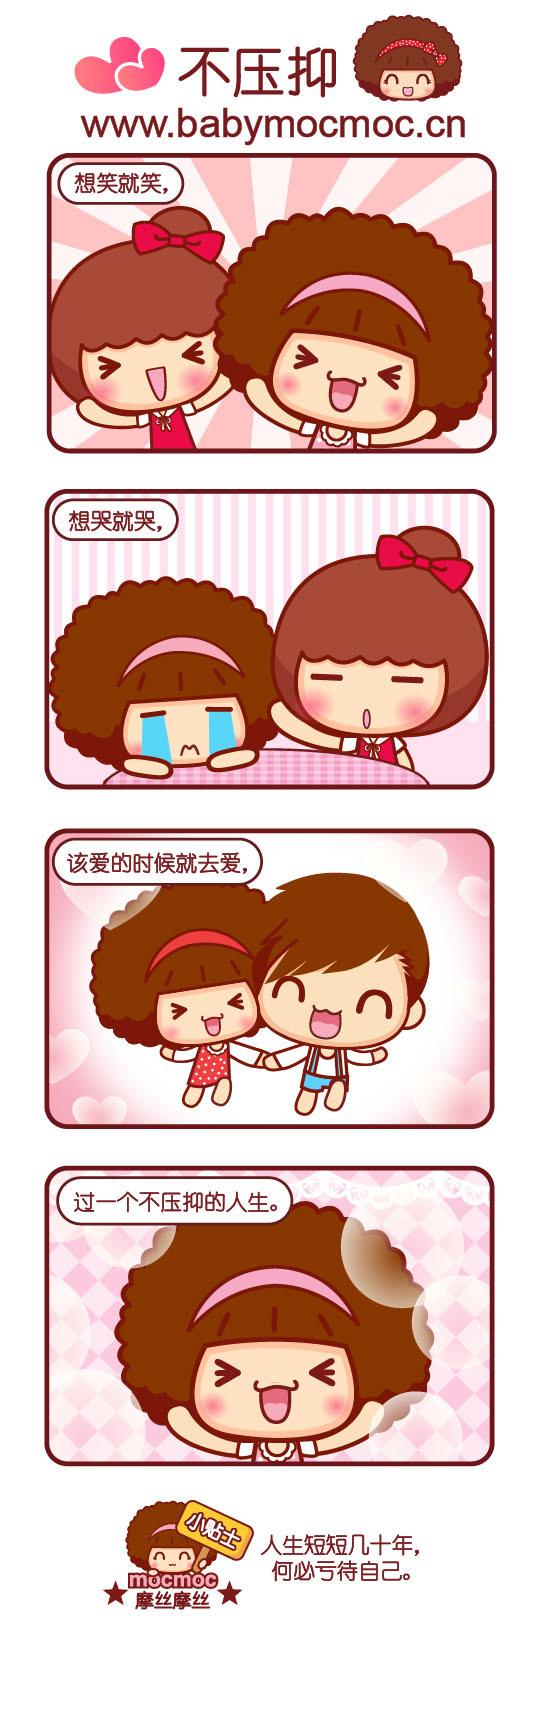 摩丝摩丝漫画~7月